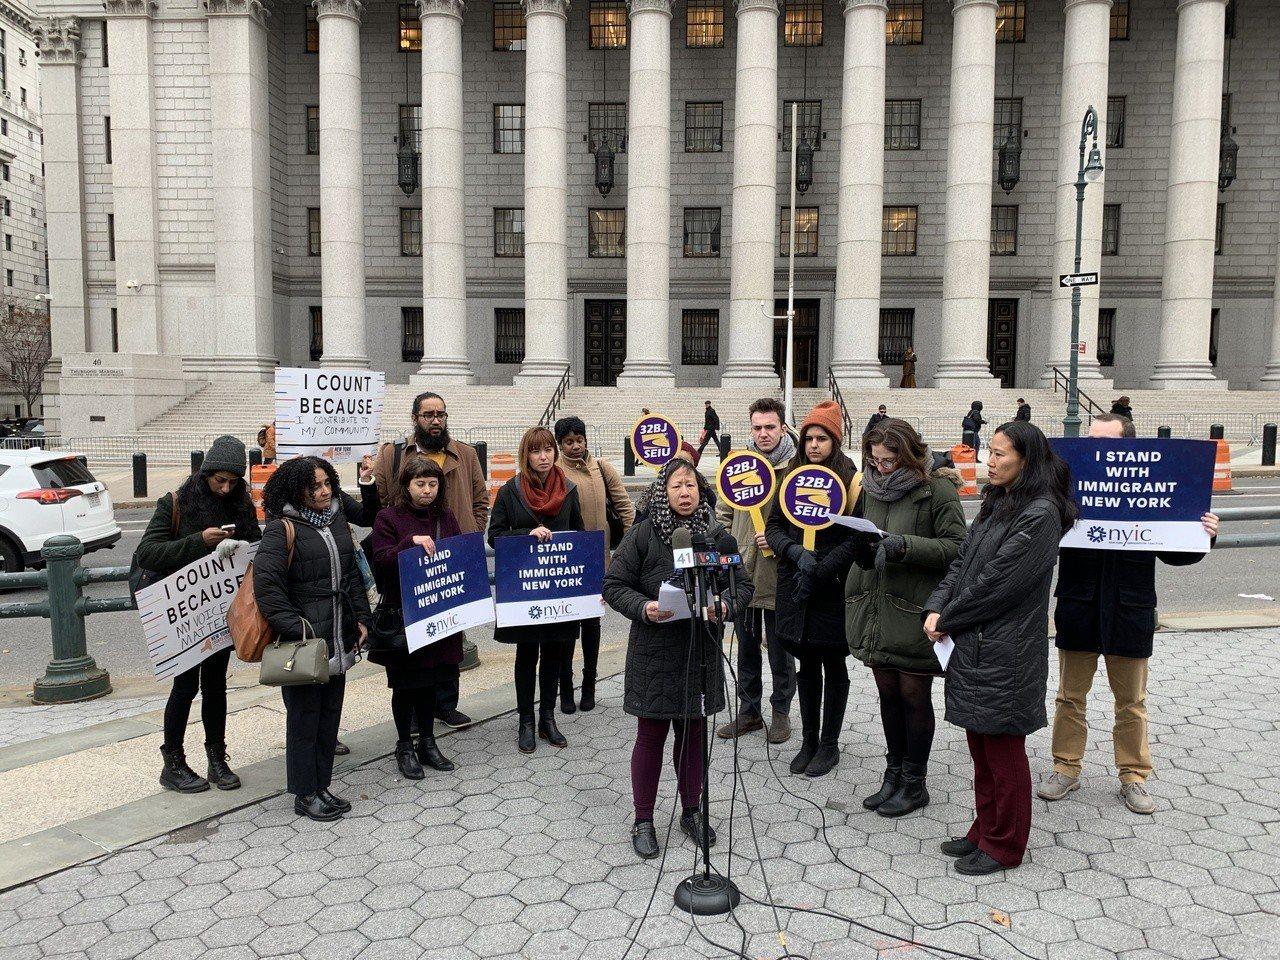 紐約移民聯盟等團體,6月針對2020年人口普查將詢問是否為美國公民的問題,在紐約...